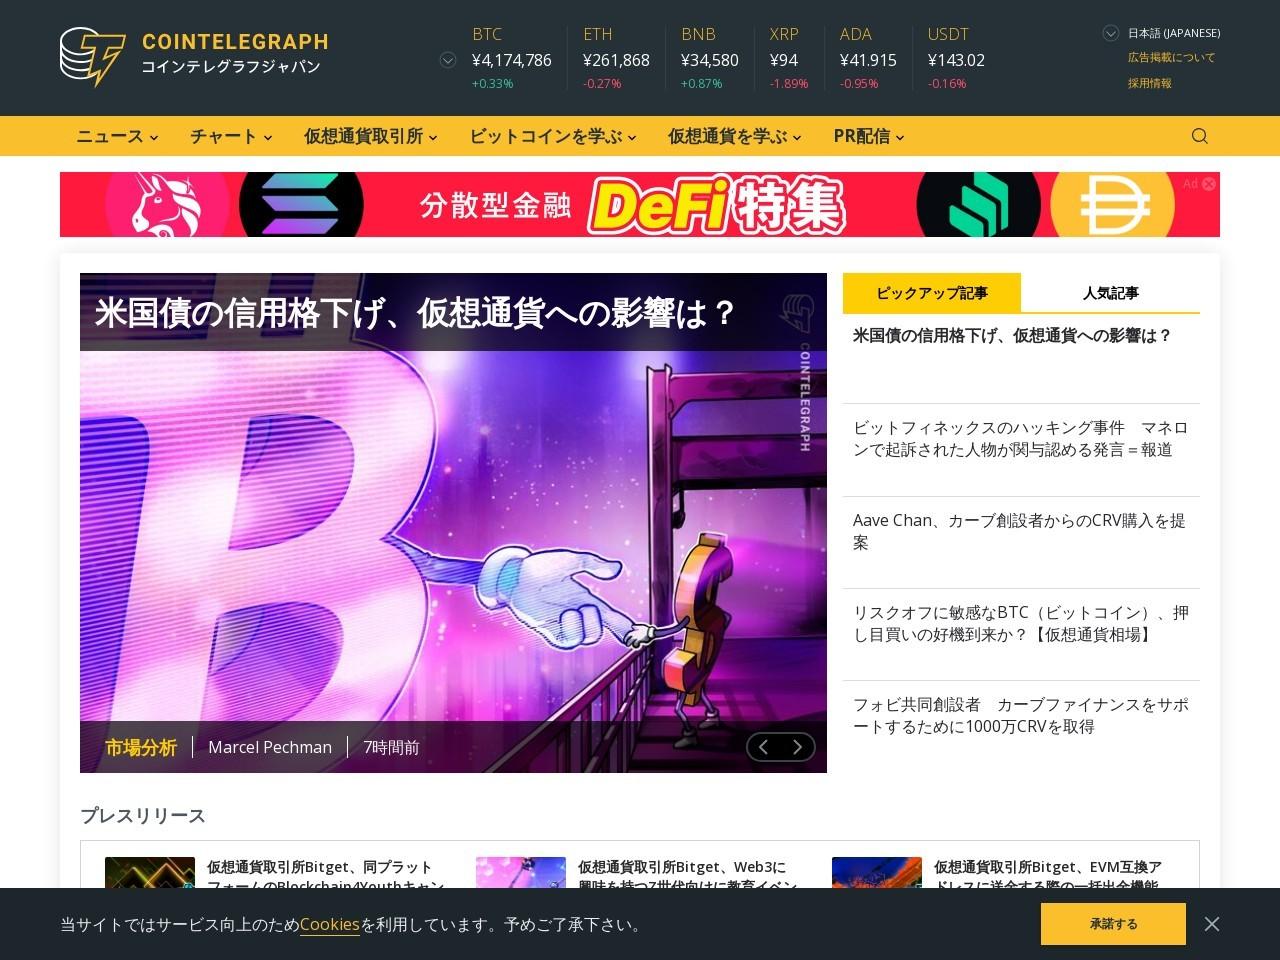 コインマーケットキャップ、誕生5周年を祝いiOSアプリをリリース